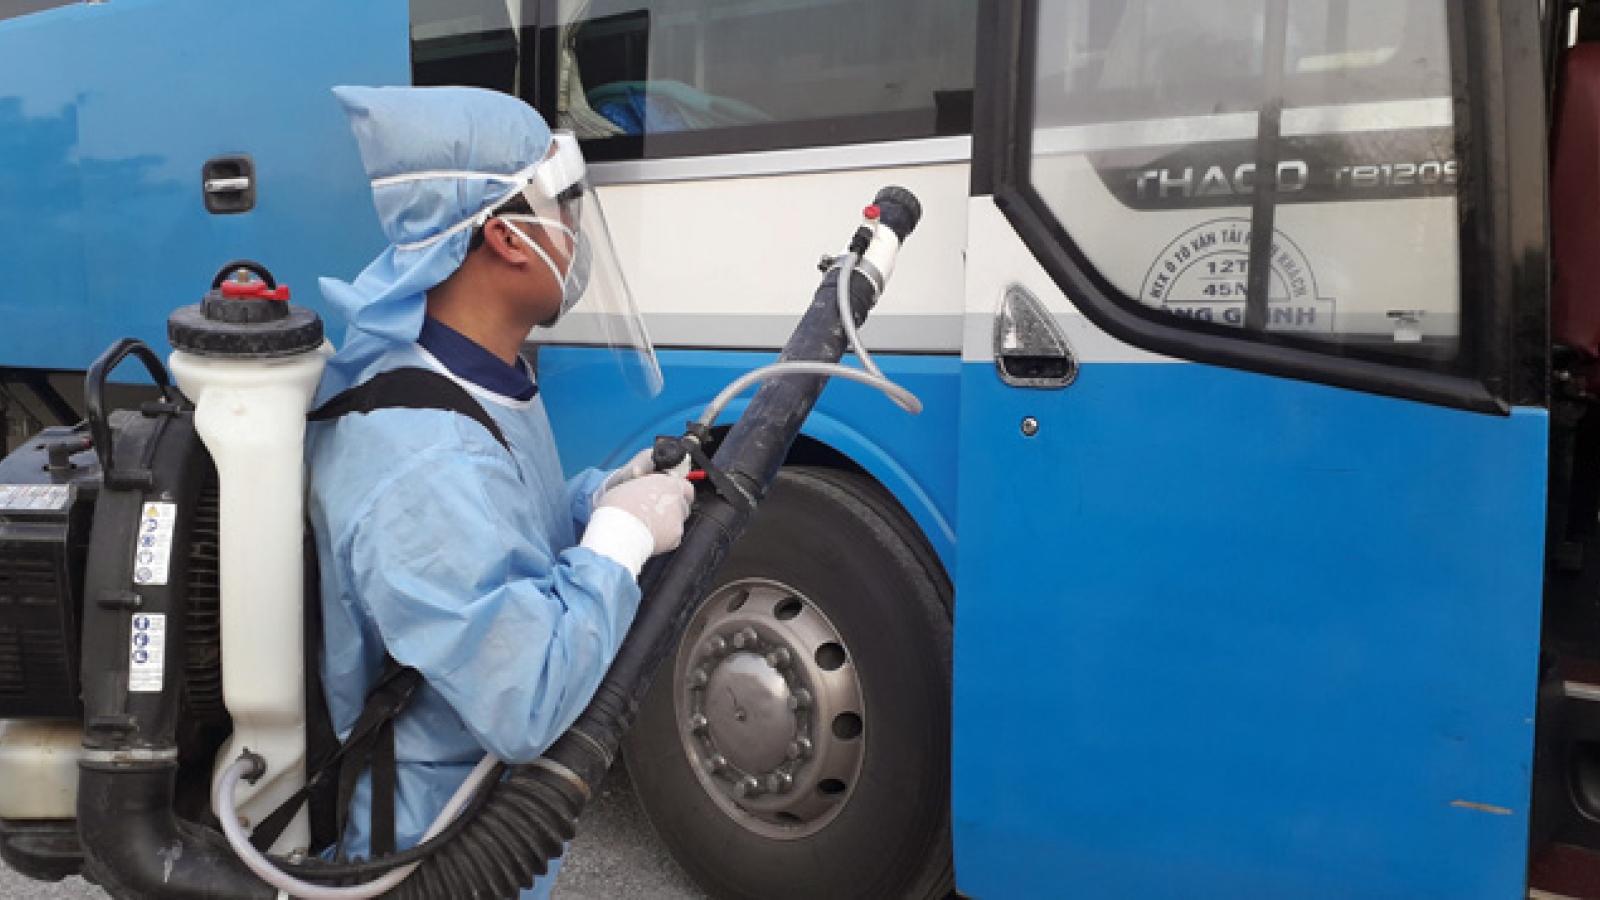 Lịch trình di chuyển của xe Kim Chi chở 2 bệnh nhân Covid-19 và hành khách